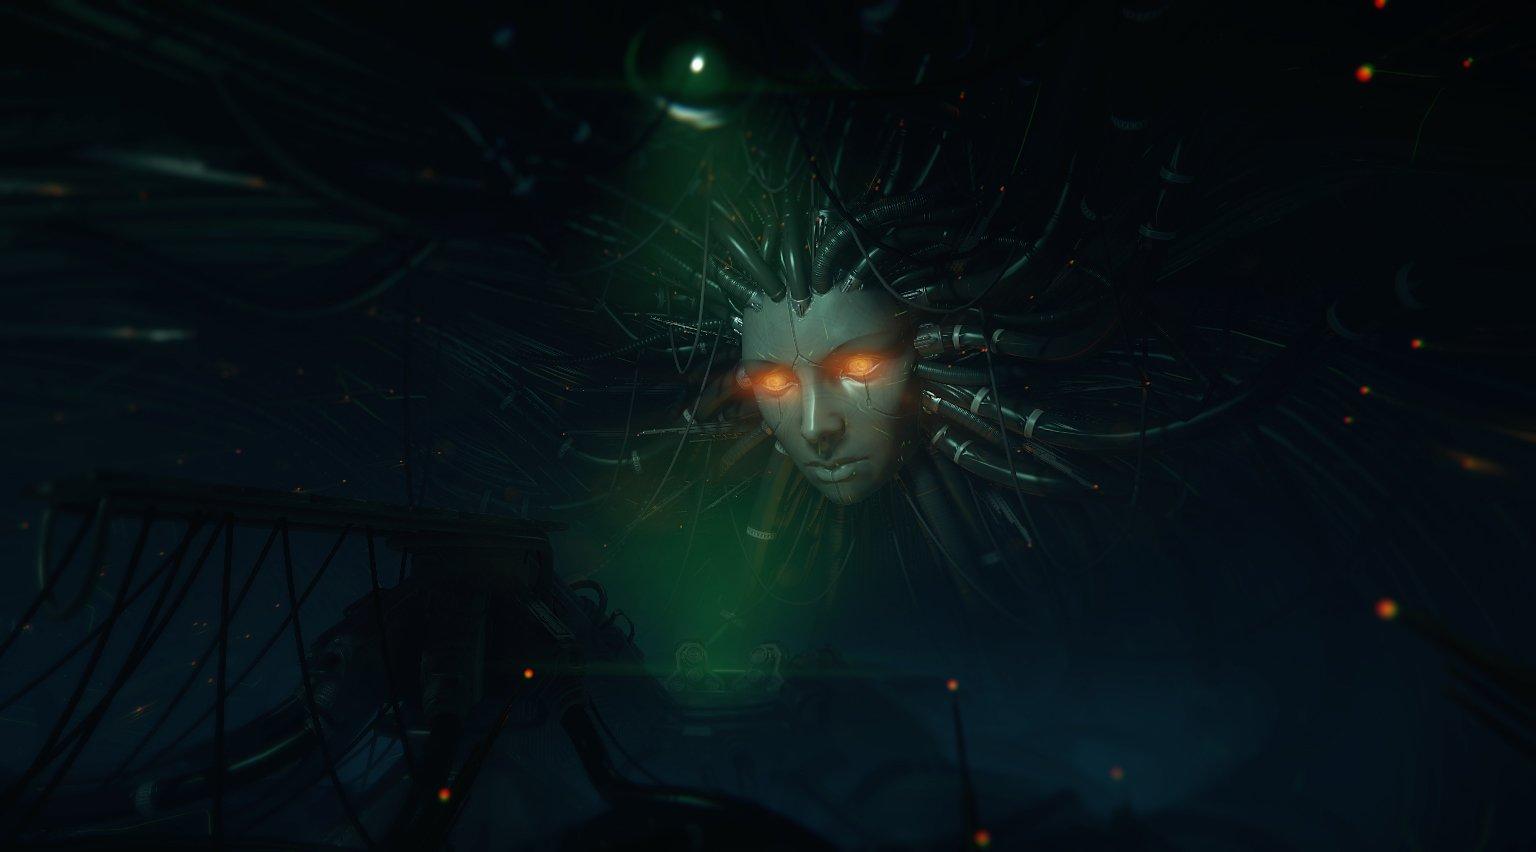 Художник воссоздает одну из лучших сцен System Shock 2 на CryEngine - Изображение 2